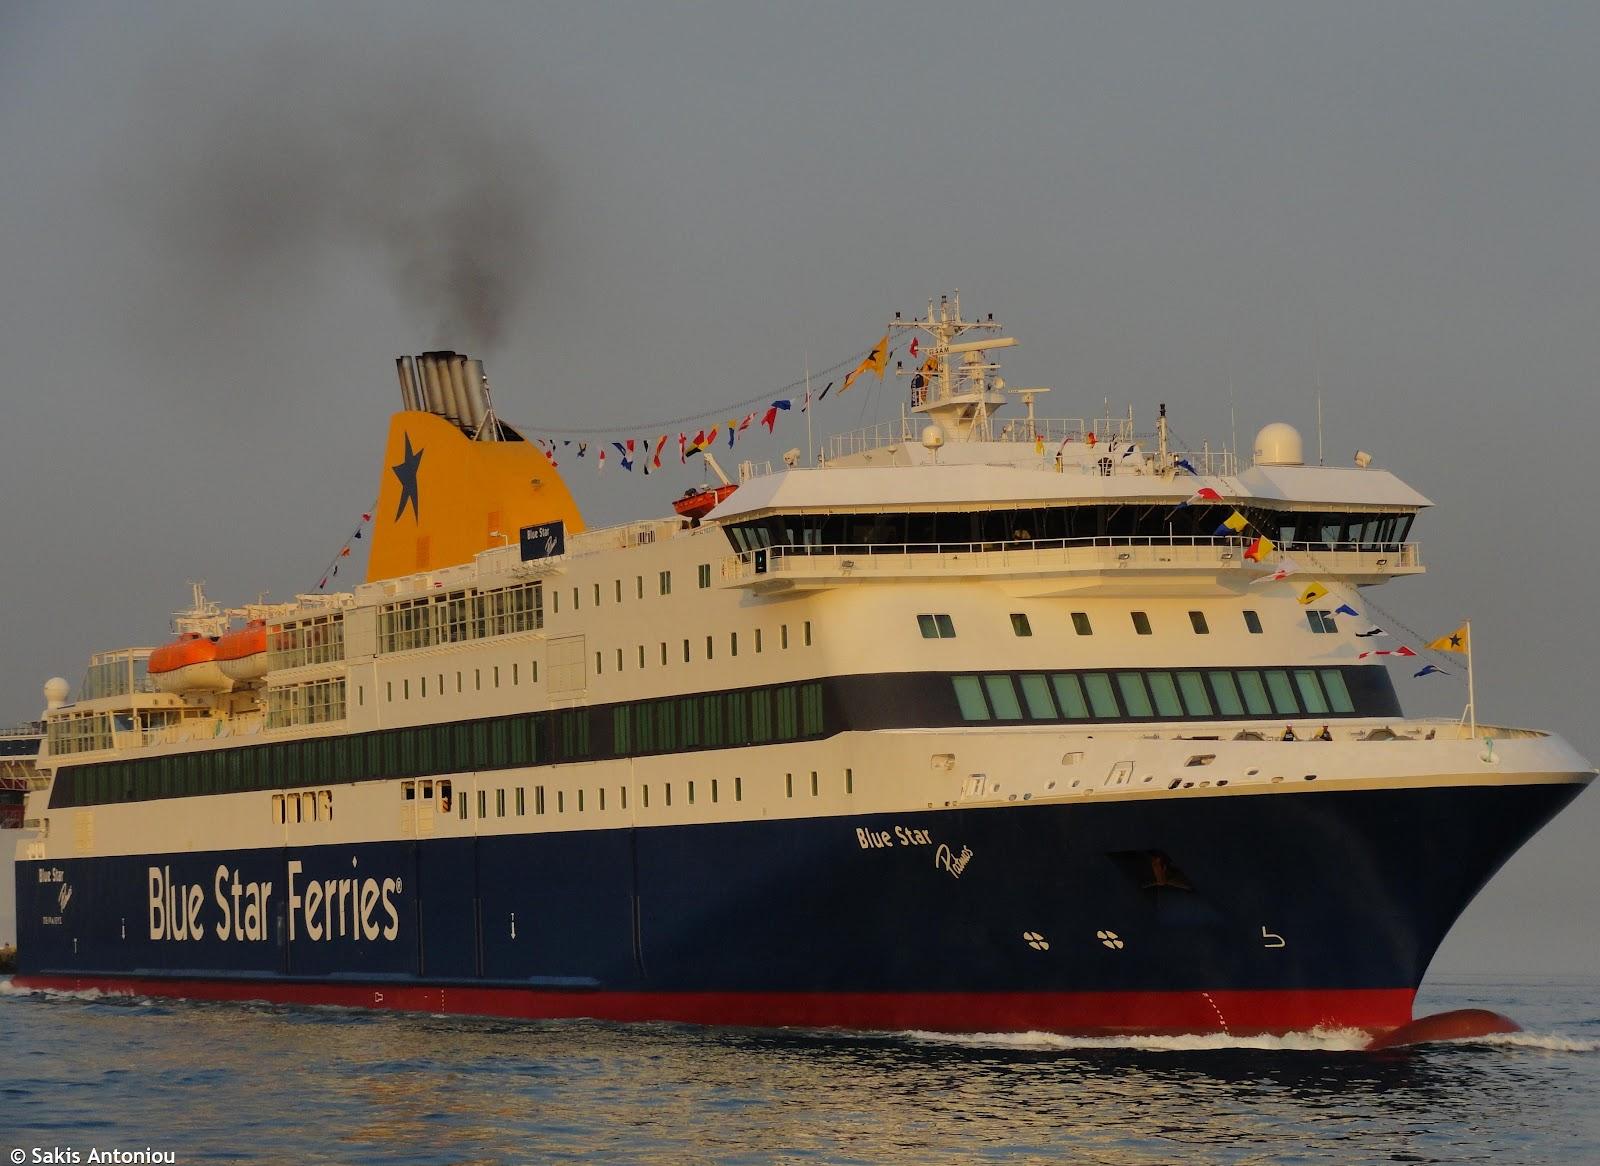 Απίστευτη καταγγελία: Επιβάτης του Blue Star 1 αυνανίστηκε μπροστά σε νεαρή κοπέλα εν πλω…και το πλήρωμα αδιαφόρησε